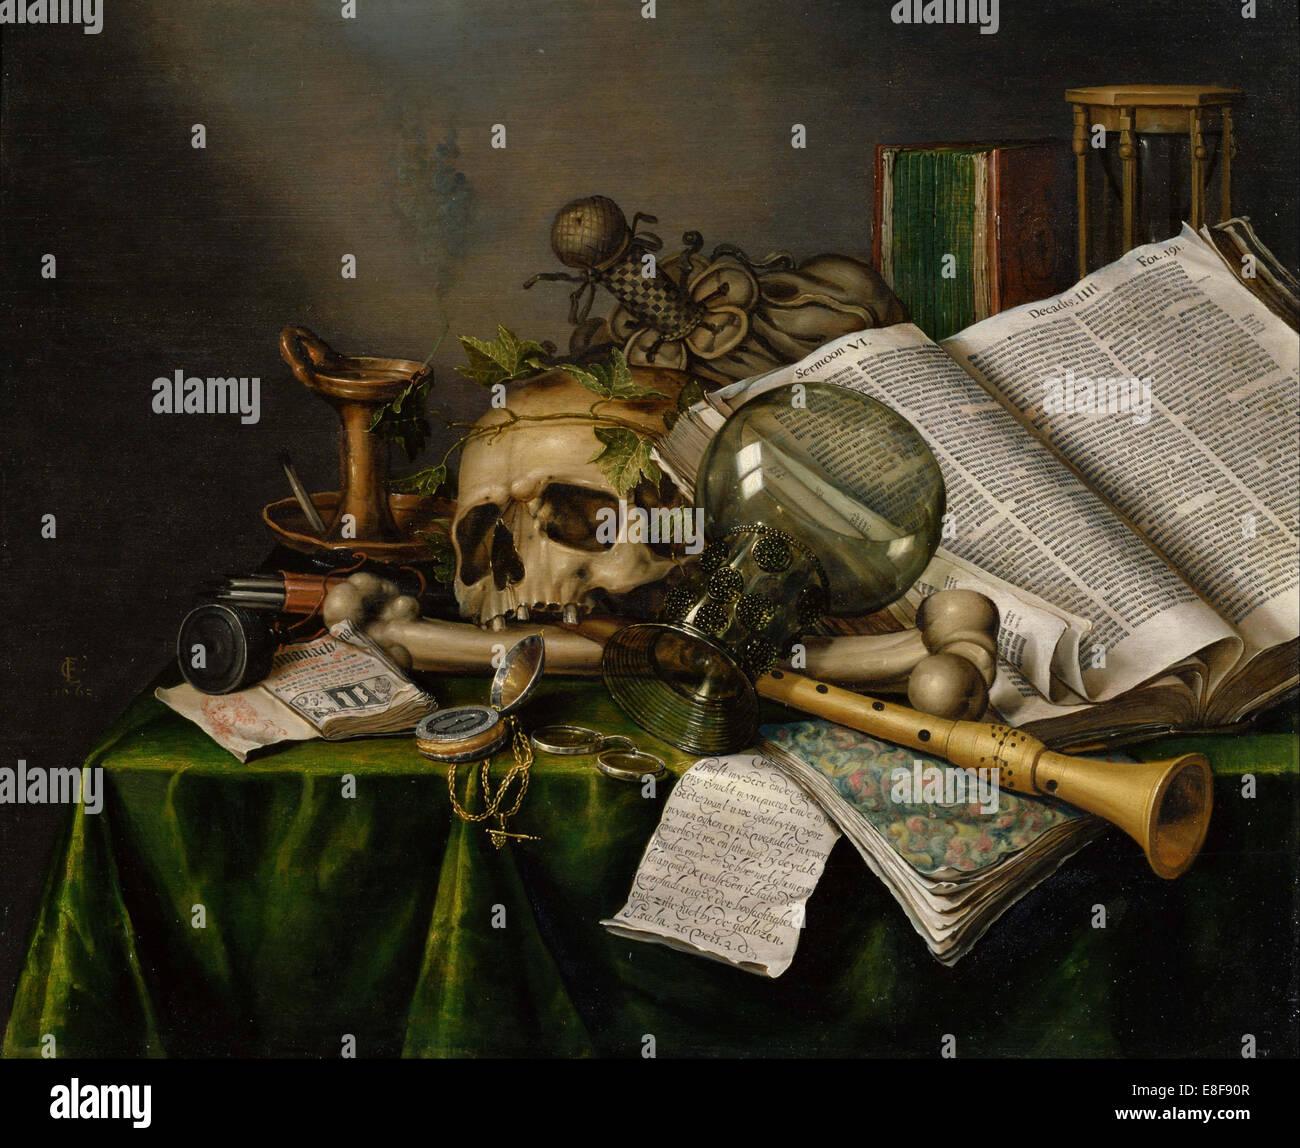 Vanitas. La vie toujours avec des livres, des manuscrits et un crâne. Artiste: Collier, Edward (actif Photo Stock